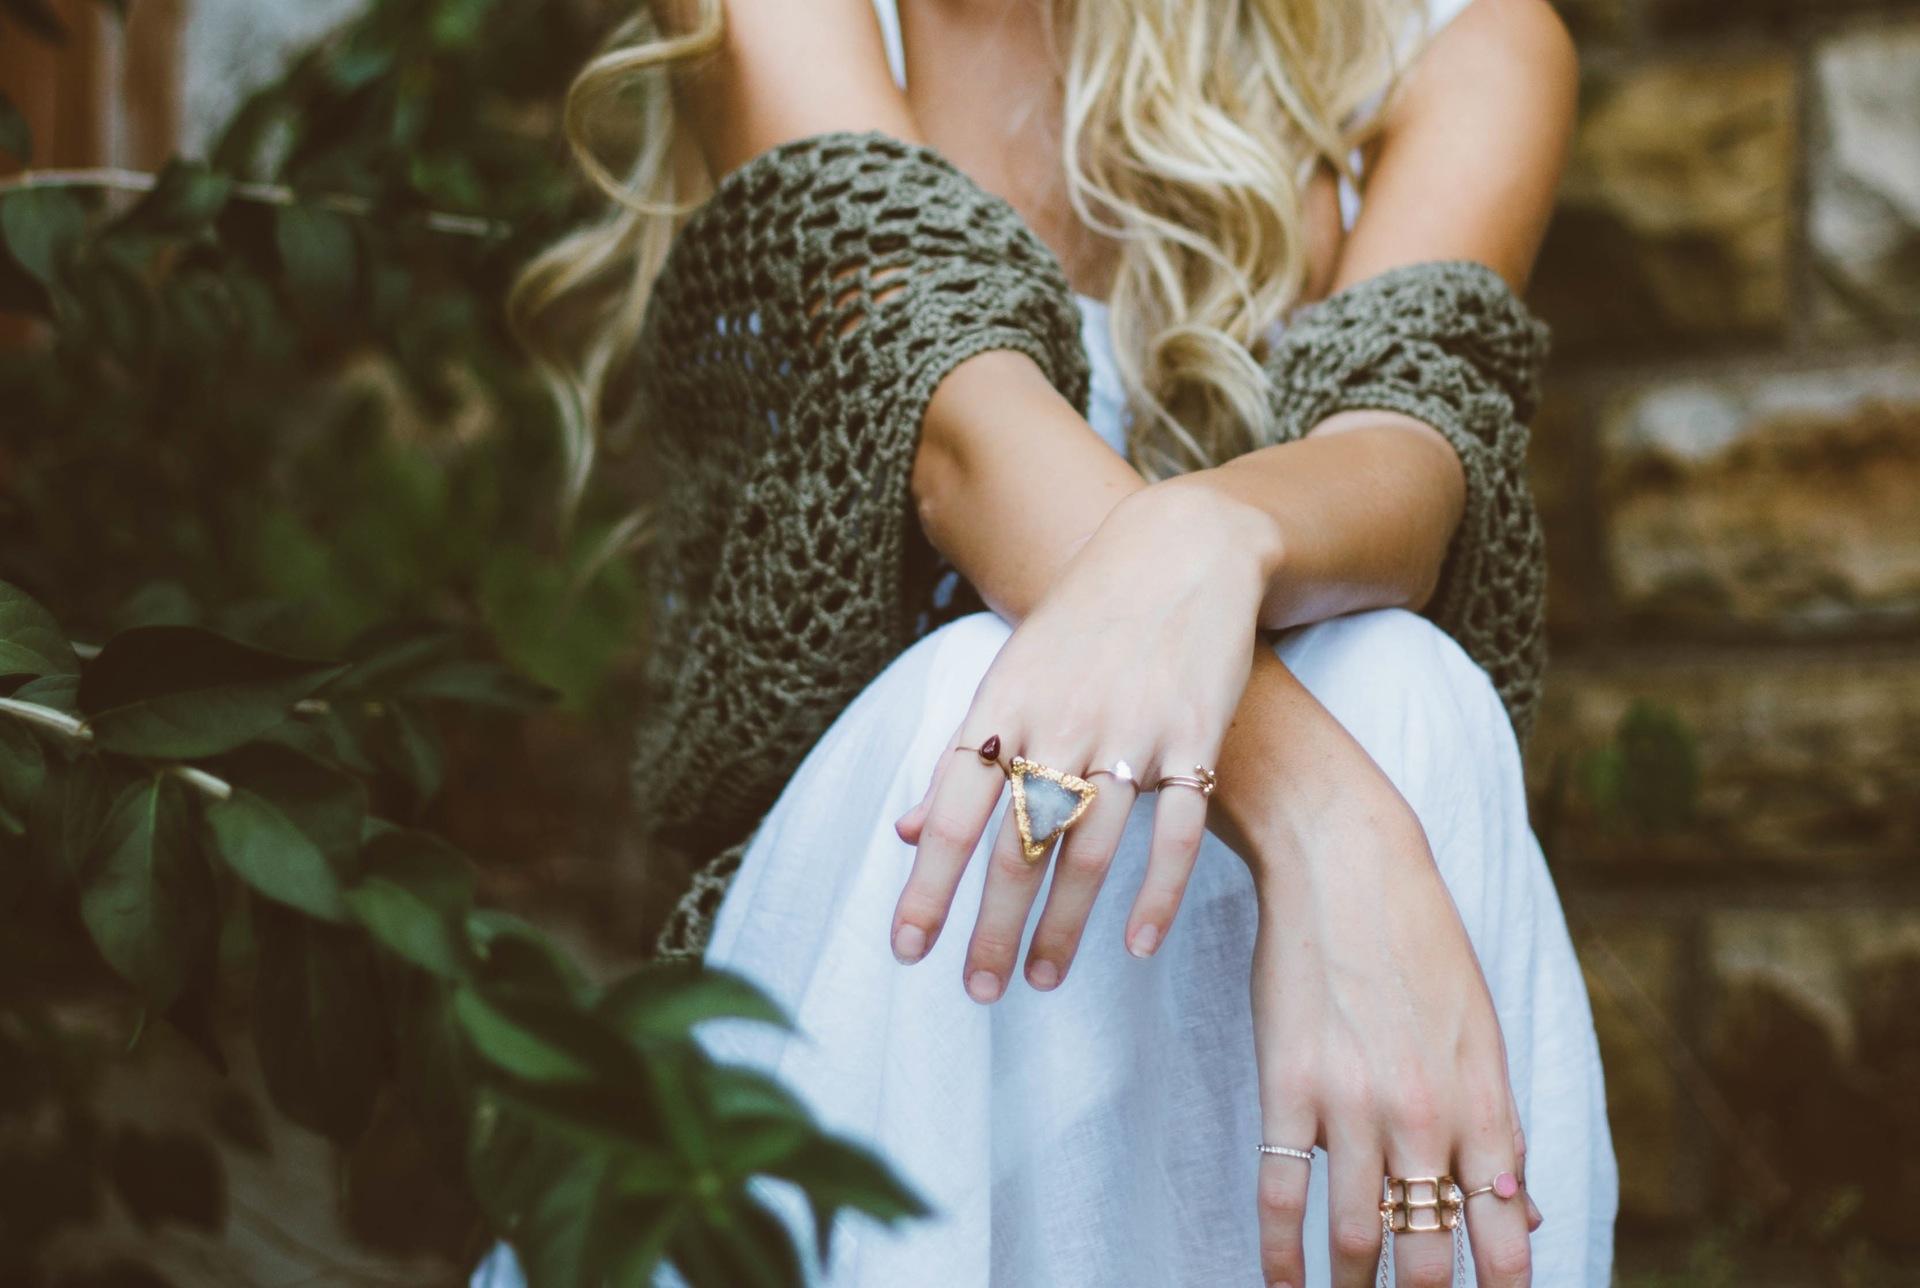 手, 女人, 戒指, 珠宝首饰, 女孩, 魅力 - 高清壁纸 - 教授-falken.com